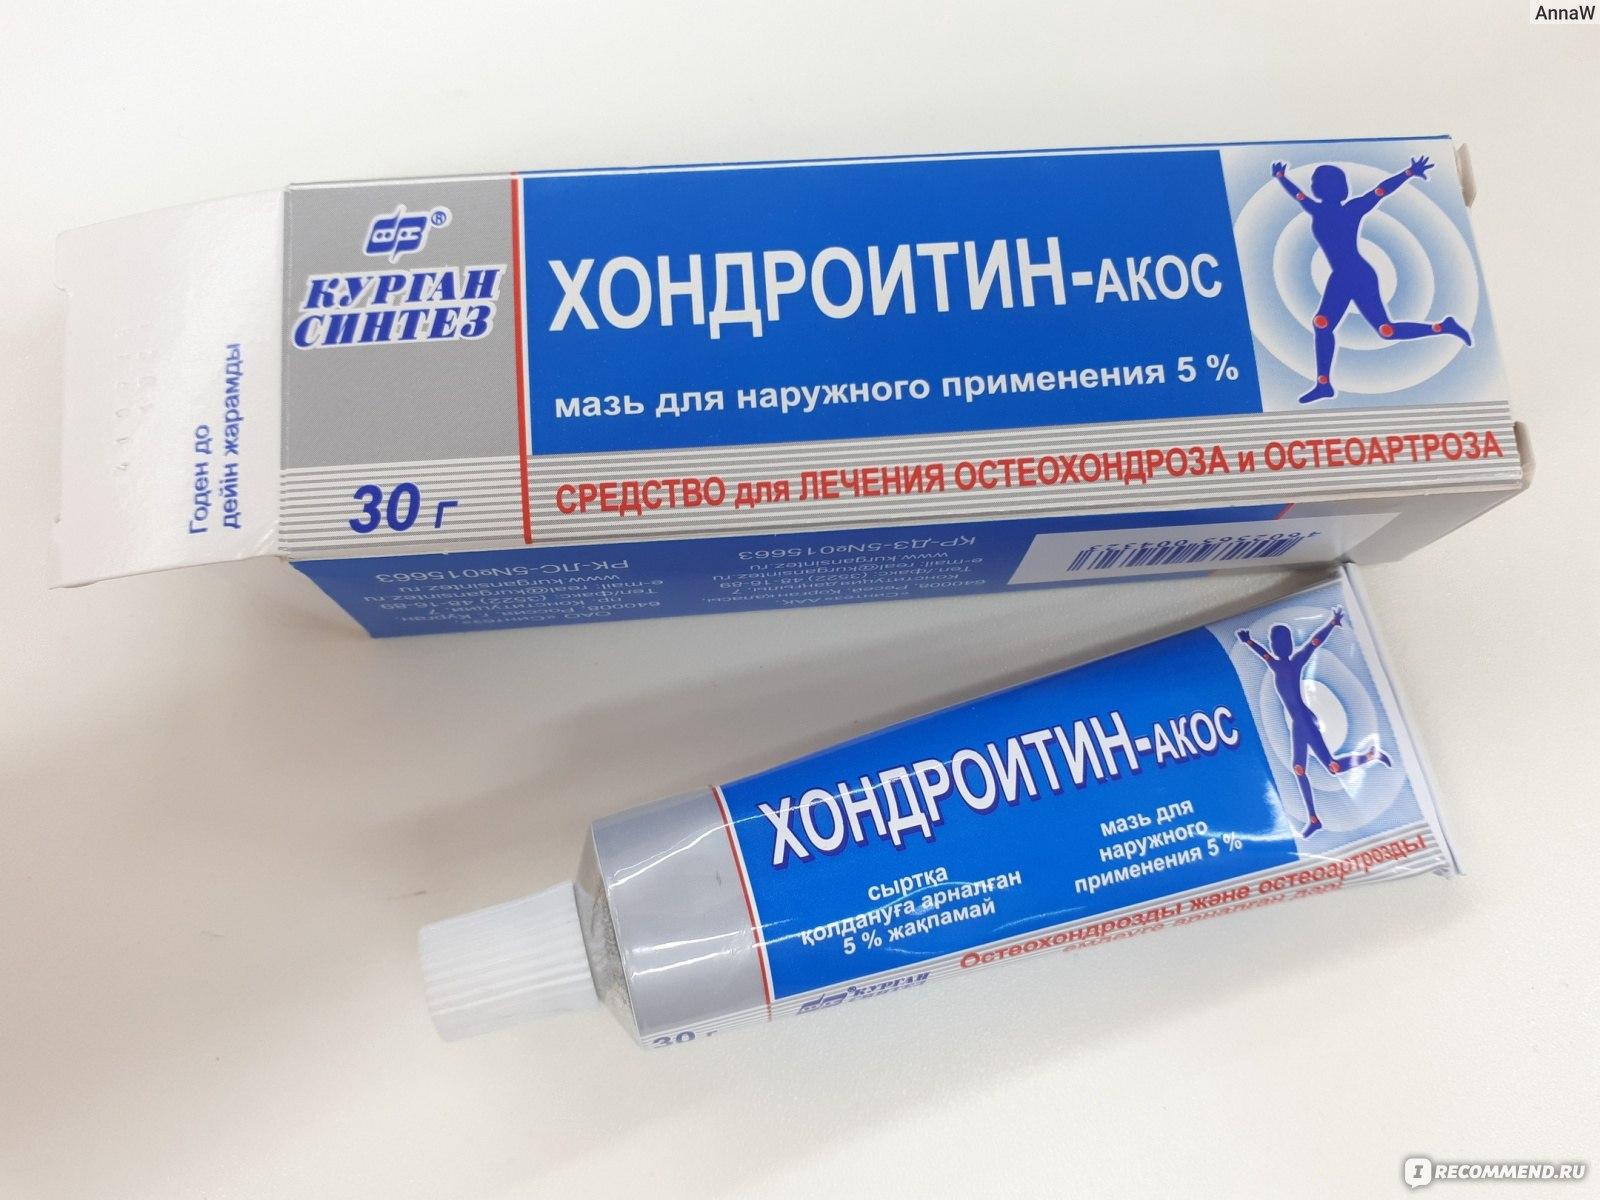 Хондроитин акос мазь